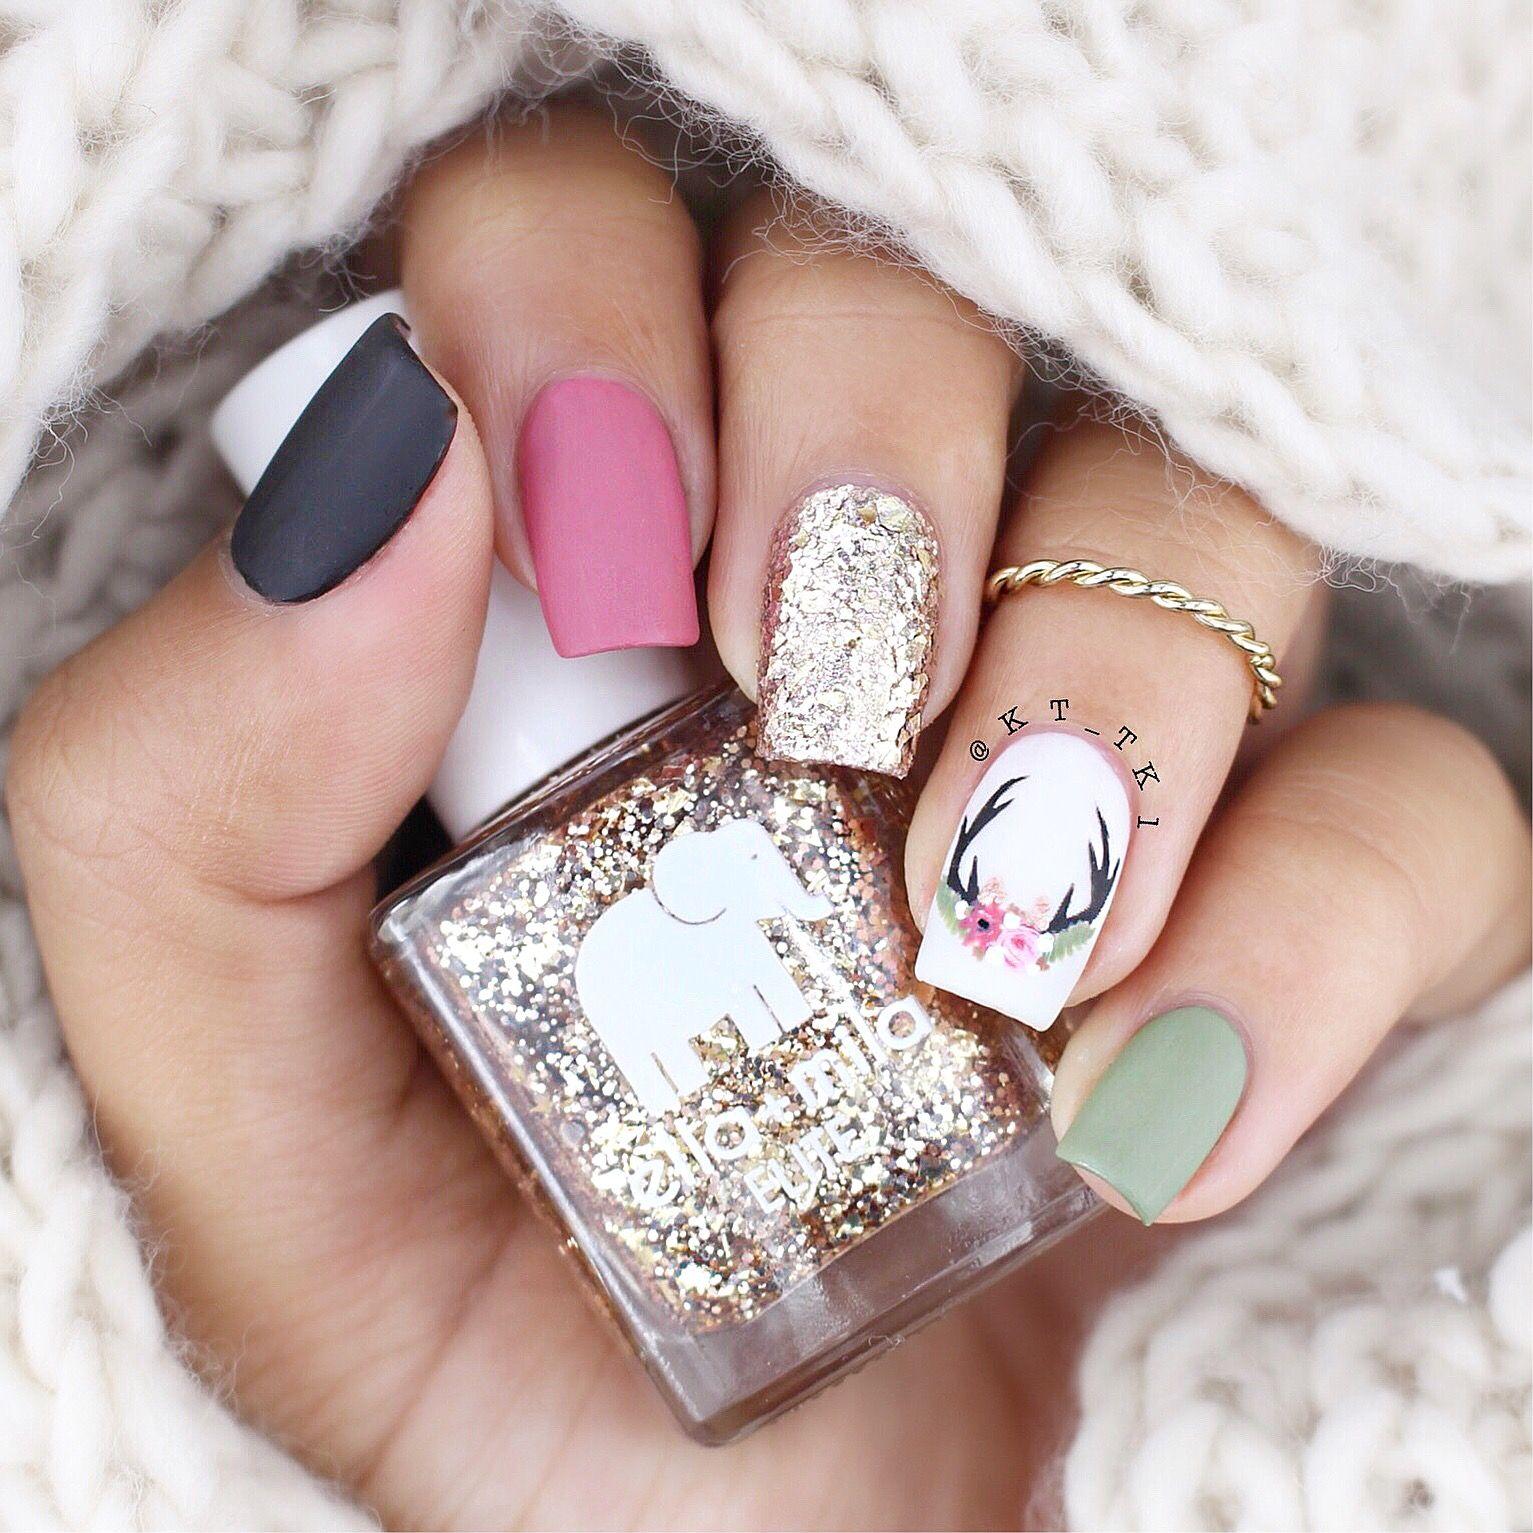 Pin de Cindy Alexi Diaz Aguirre en uñas lindas | Pinterest | Diseños ...